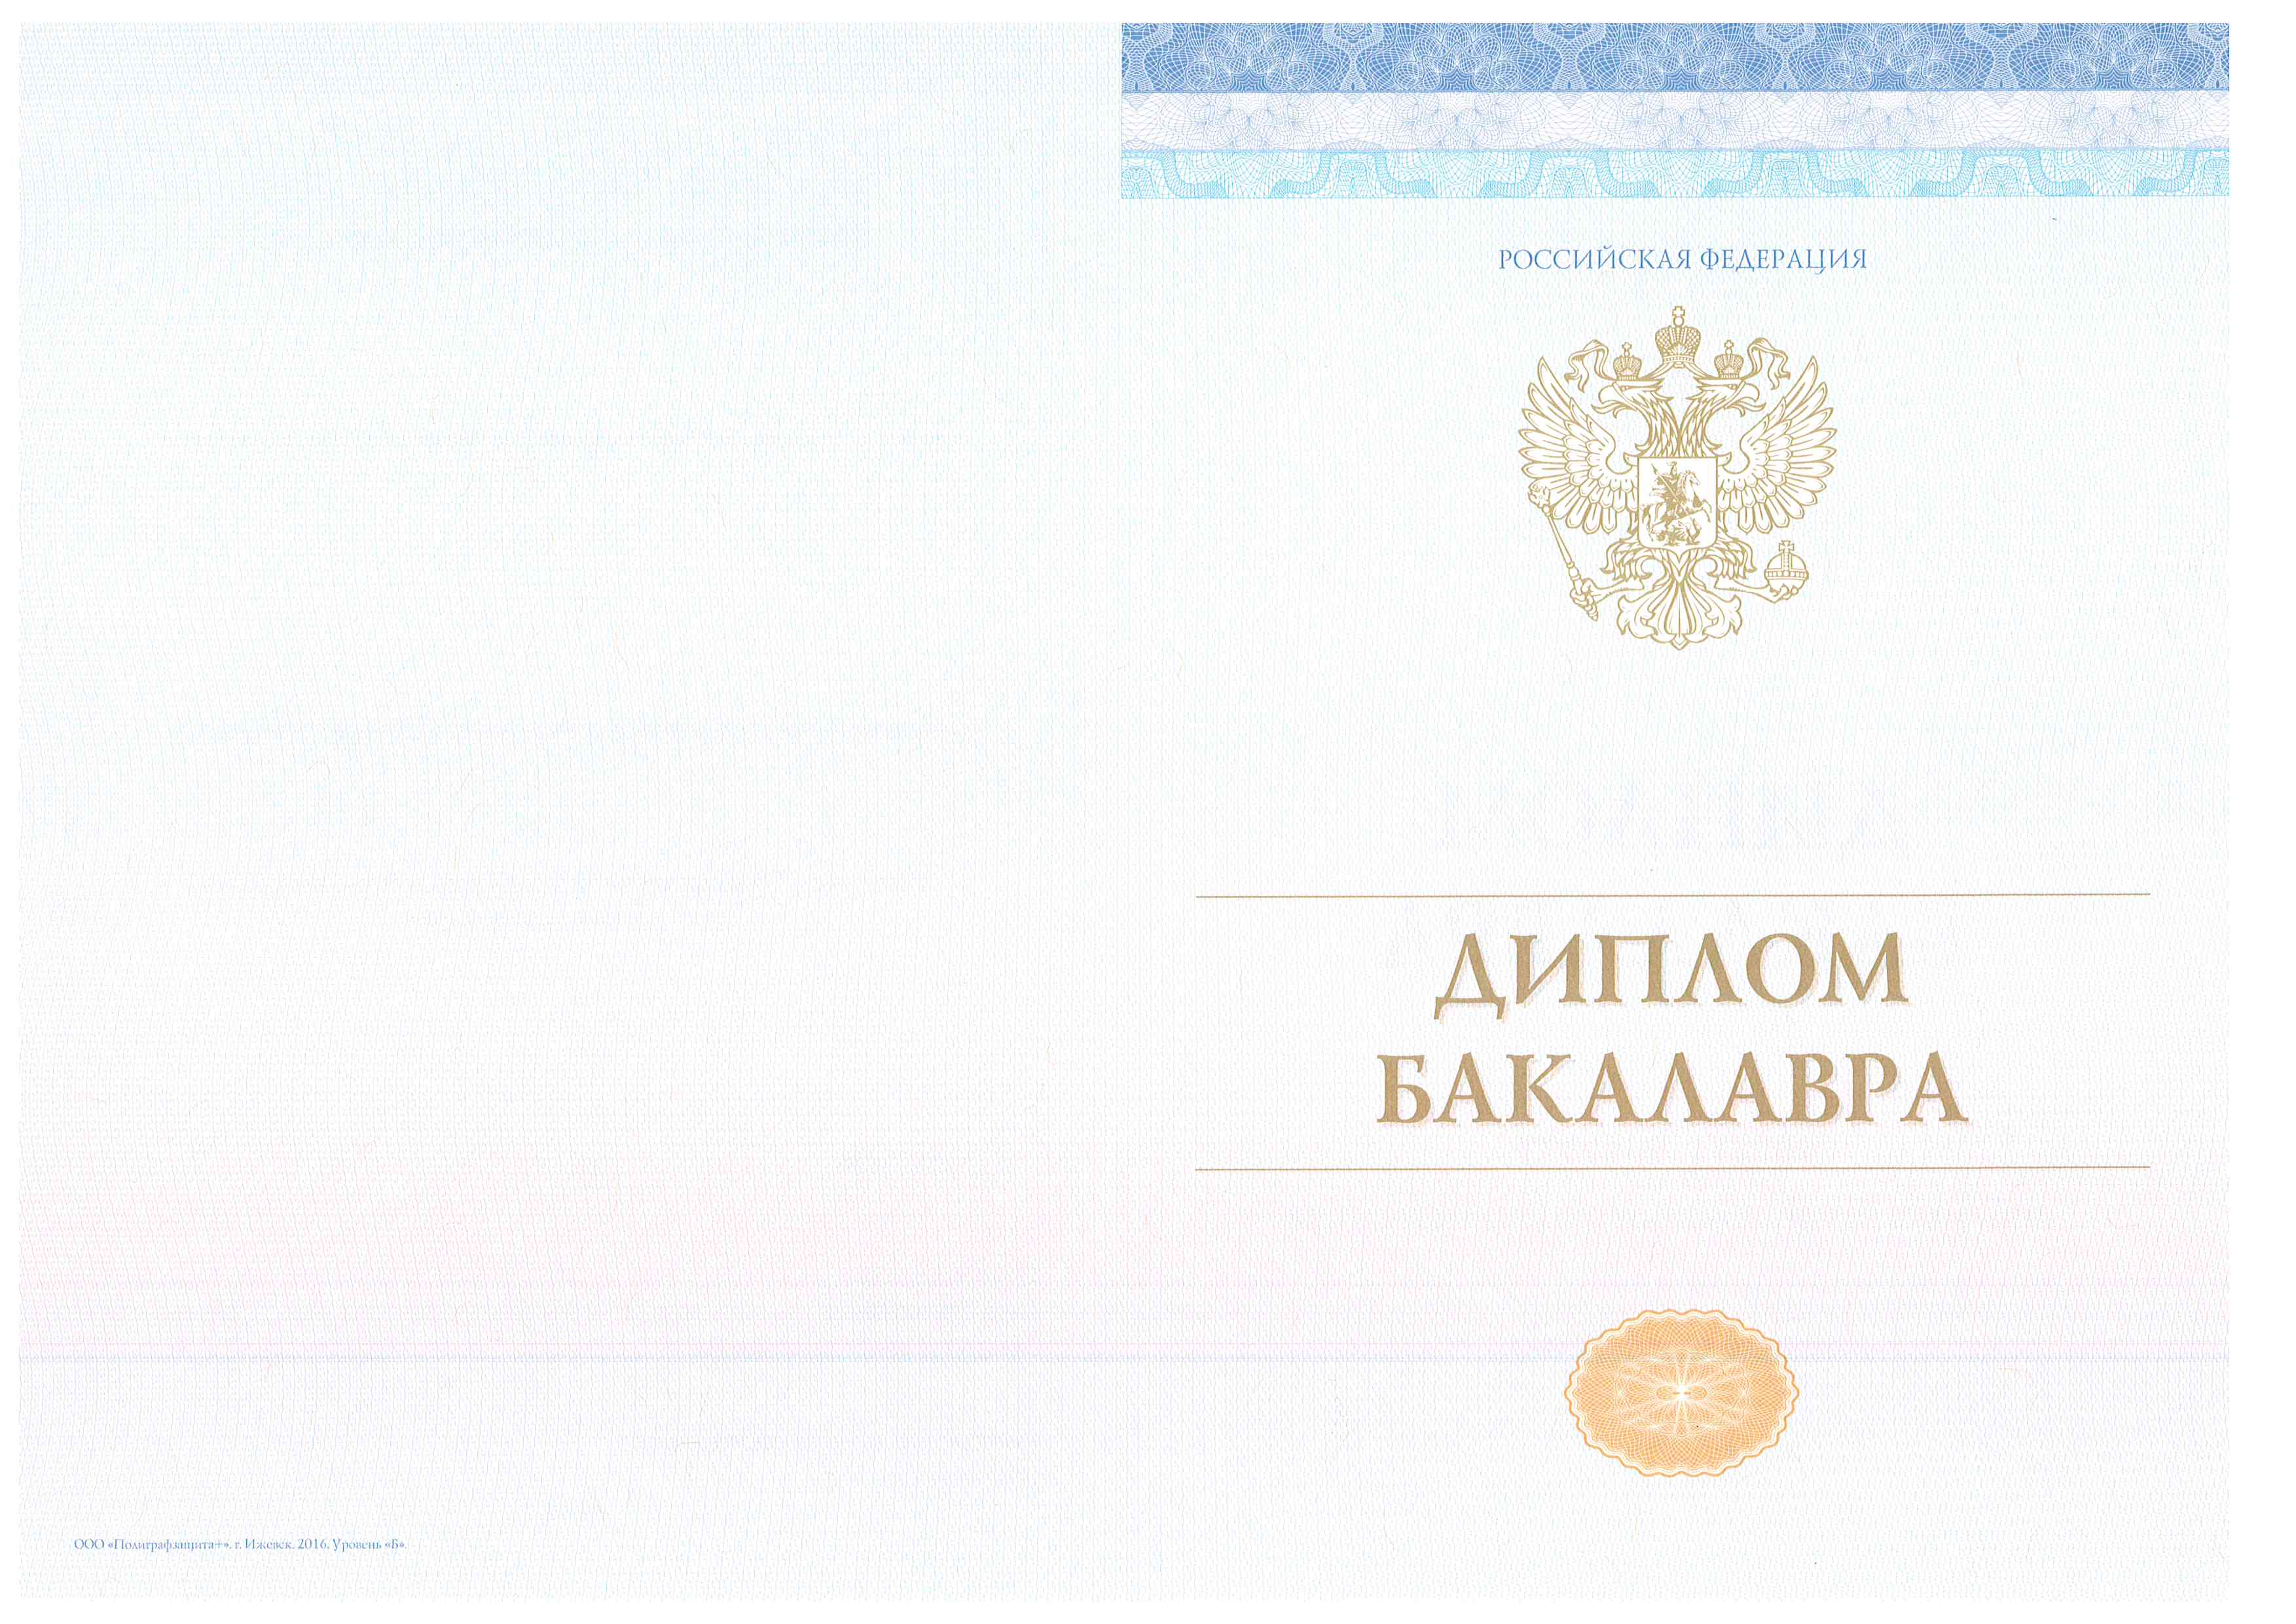 Бланки документов о высшем образовании АлтГТУ Диплом бакалавра